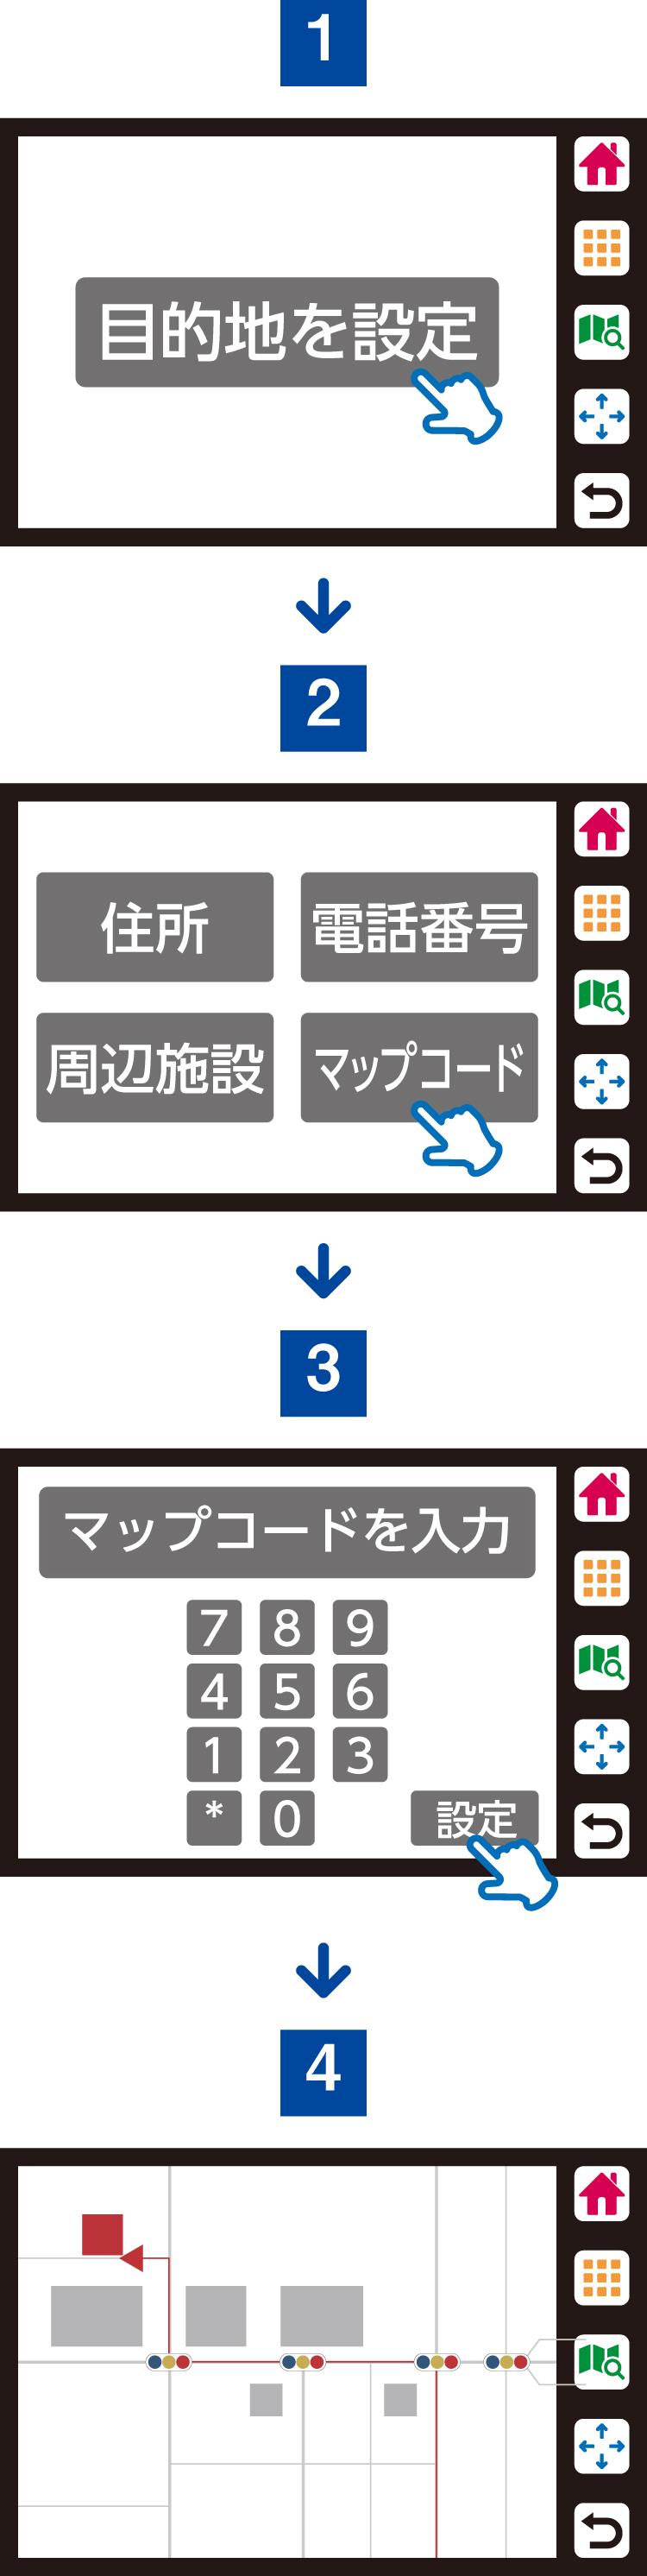 マップコード入力説明